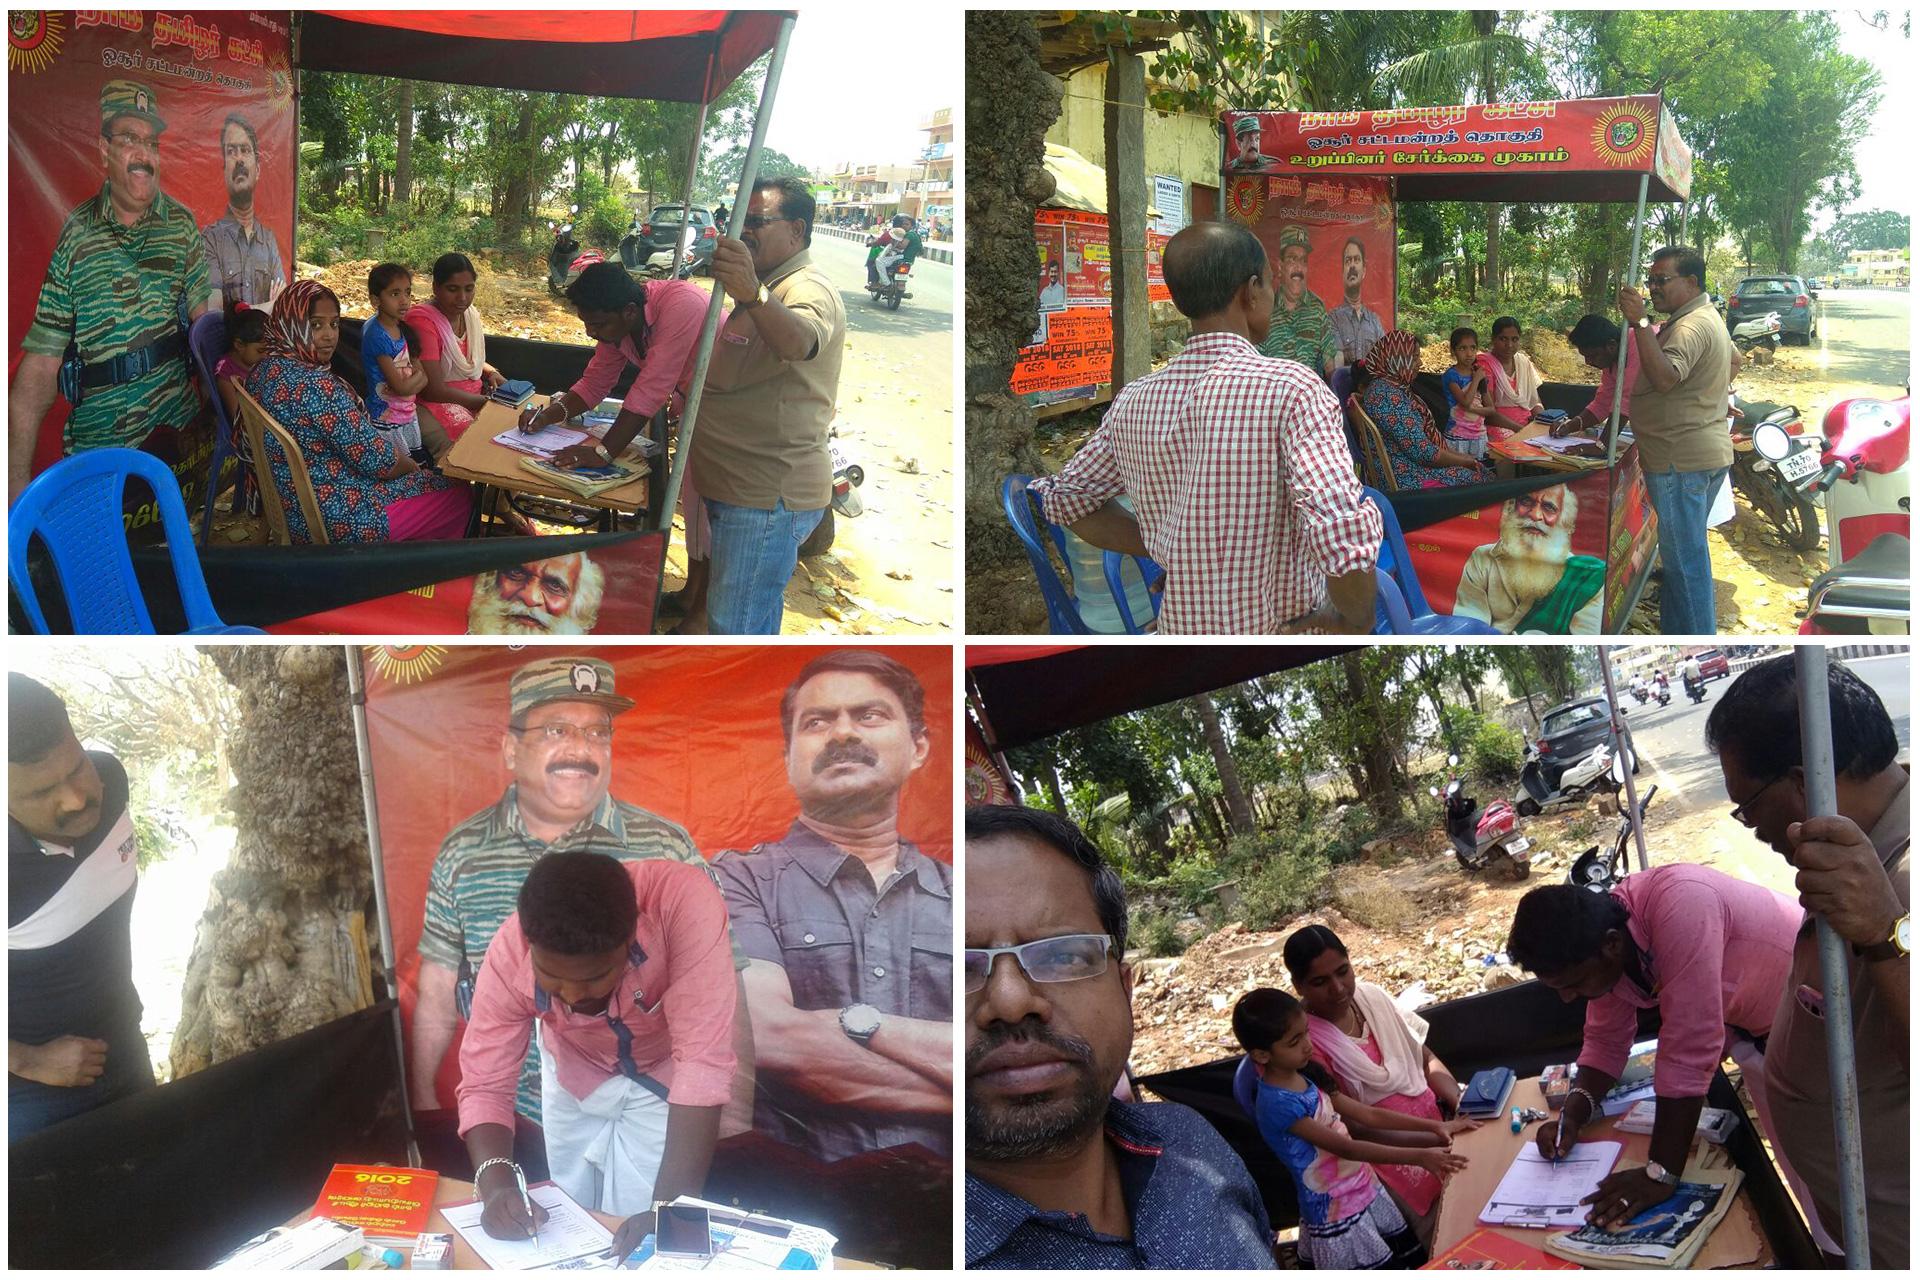 உறுப்பினர் சேர்க்கை முகாம் மற்றும் தெருமுனைக்கூட்டம் – ஓசூர் (மத்திகிரி ஒன்றியம்) naam tamilar katchi osur mathigiri uruppinar serkkai membership card campaign